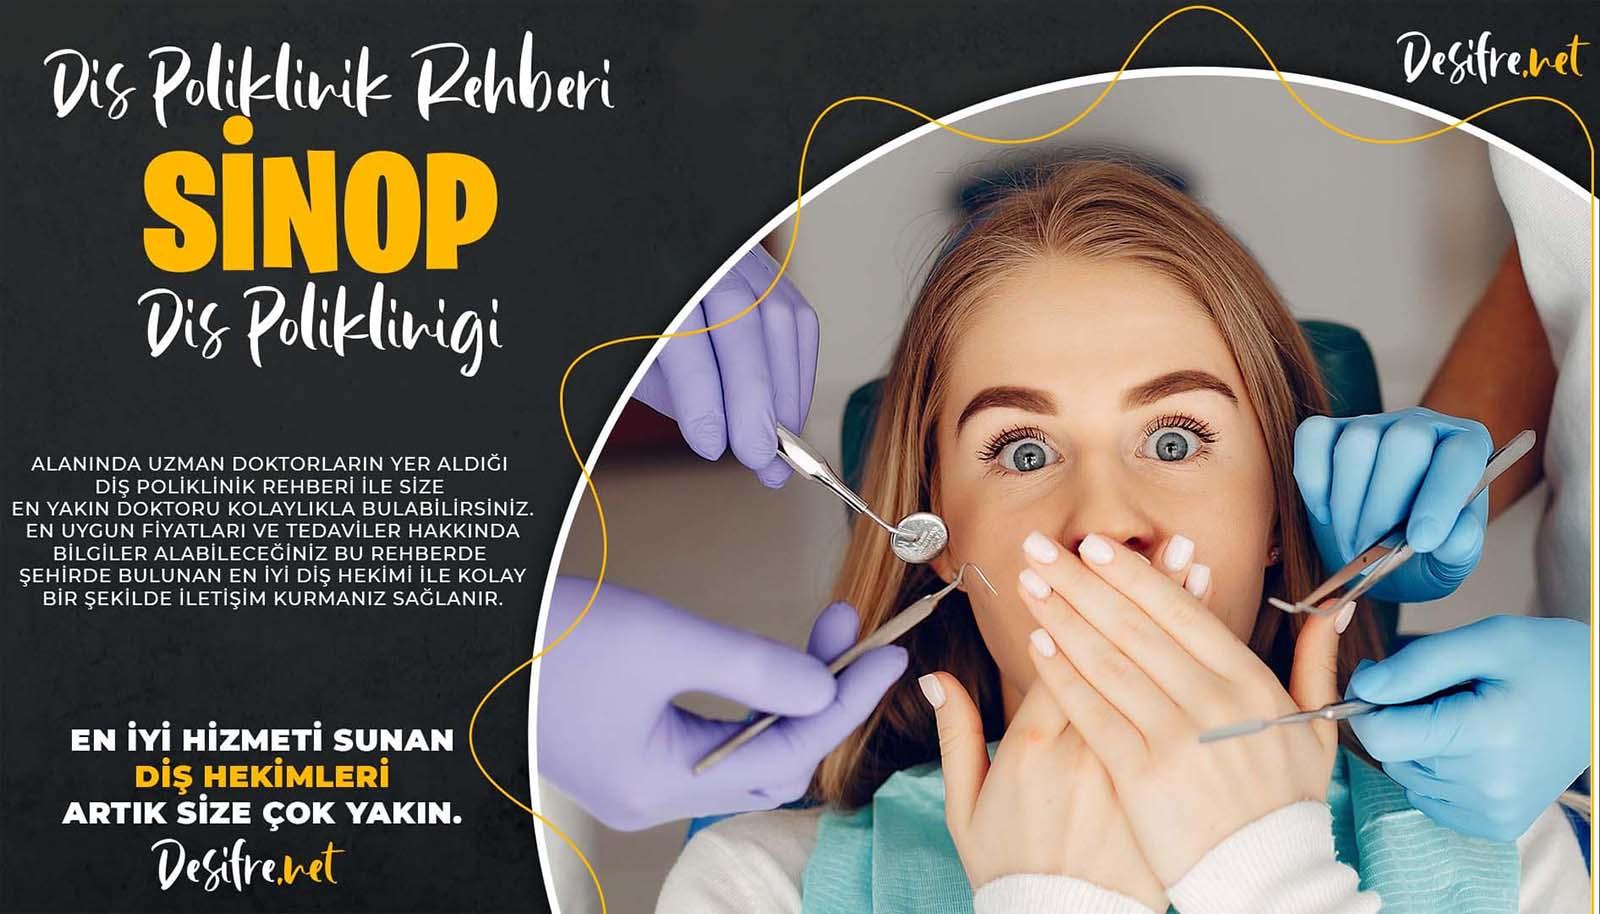 Sinop Diş Kliniği Rehberi